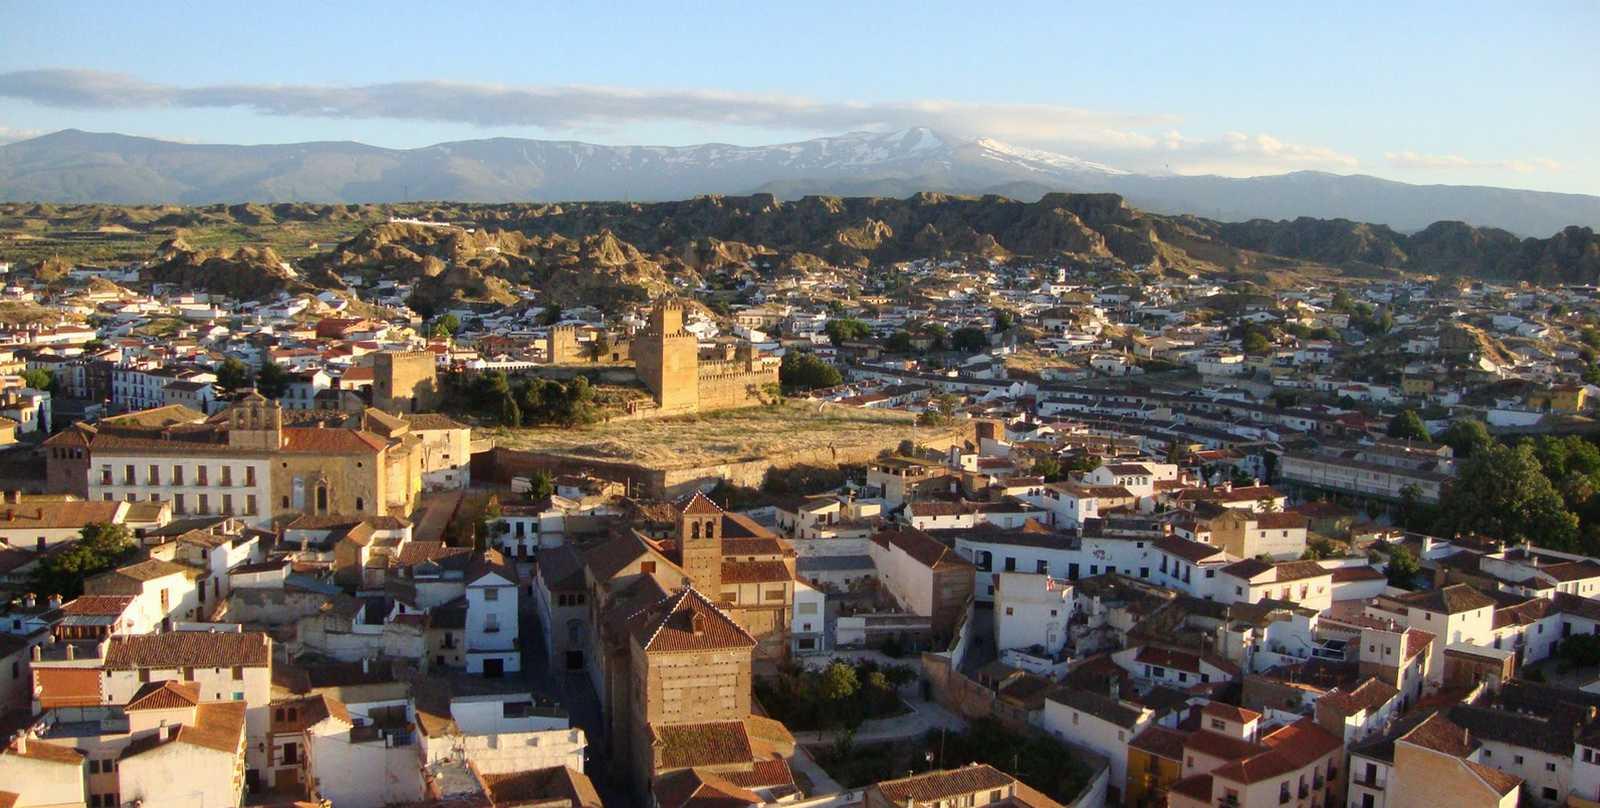 Guadix-Alcazaba-SierraNevadaAlpujarrasGranada